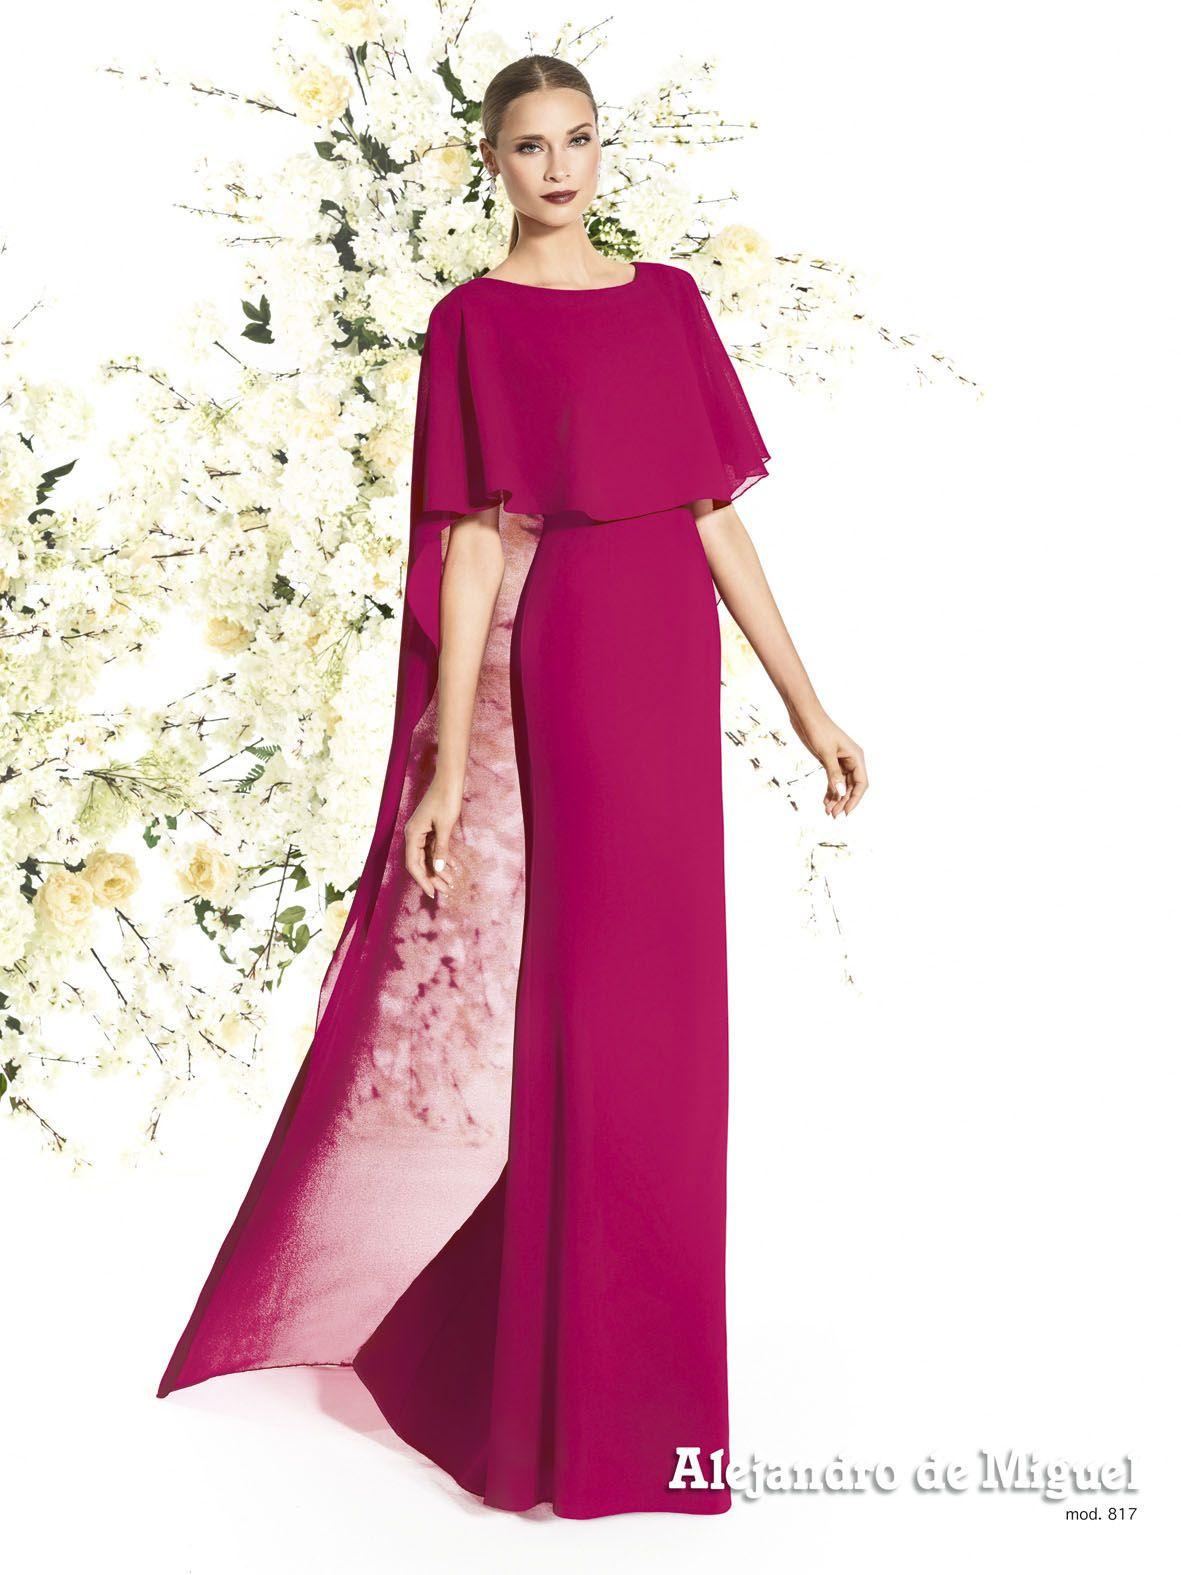 Alejandro de Miguel | Vestido Largo – mod. 817 | Vestidos boda ...